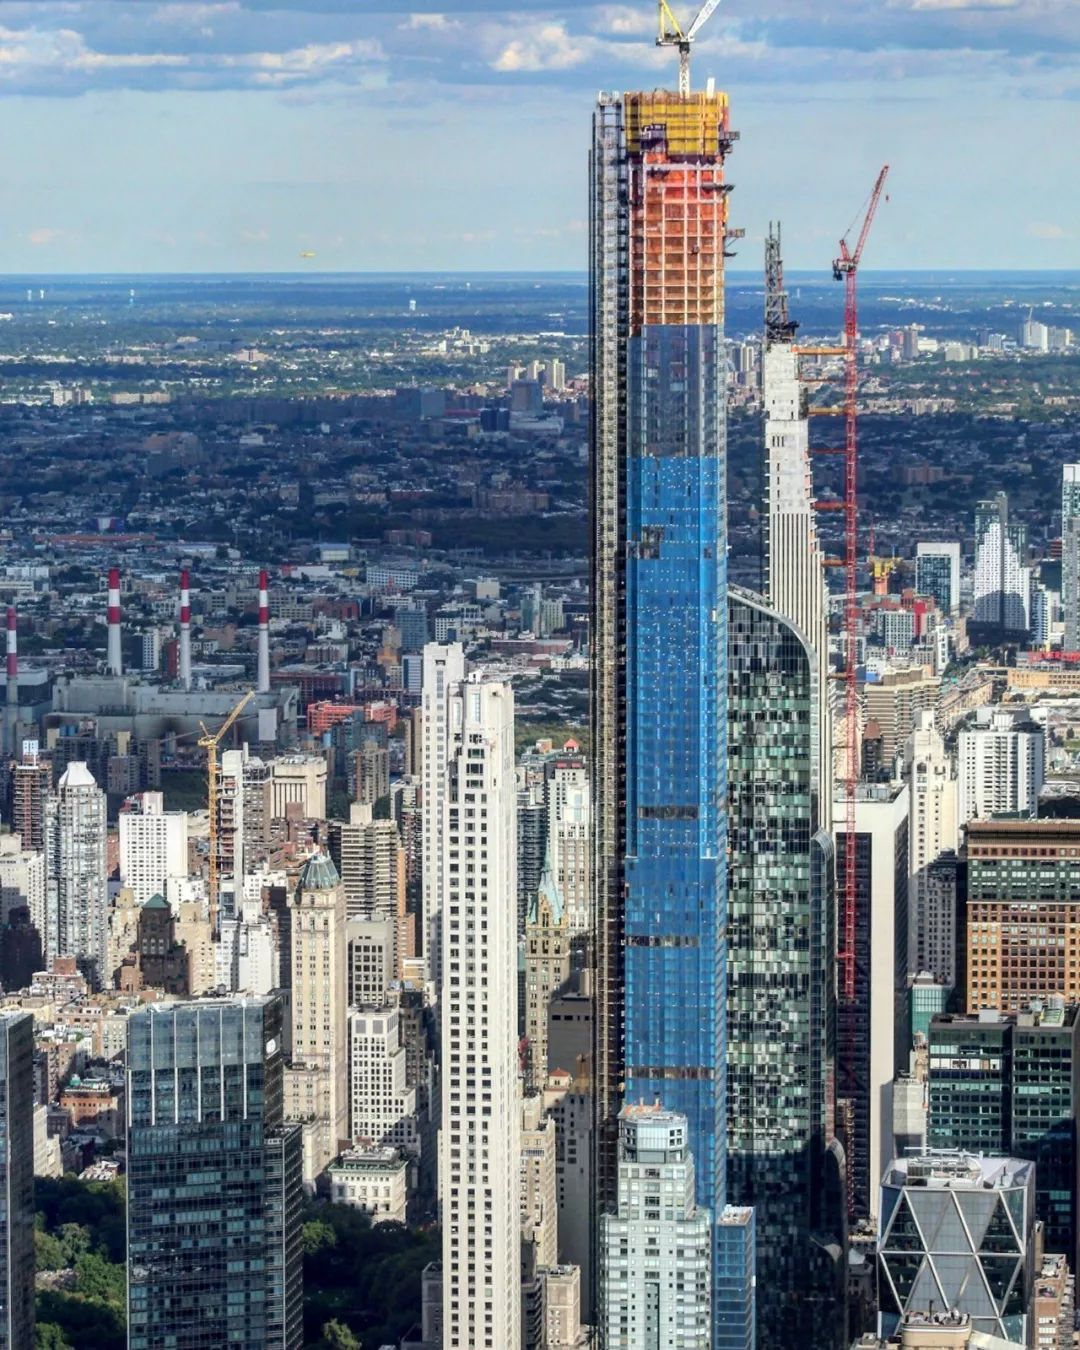 全球最高住宅公寓封顶!「中央公园一号」不负其名高贵优雅地俯瞰中央公园